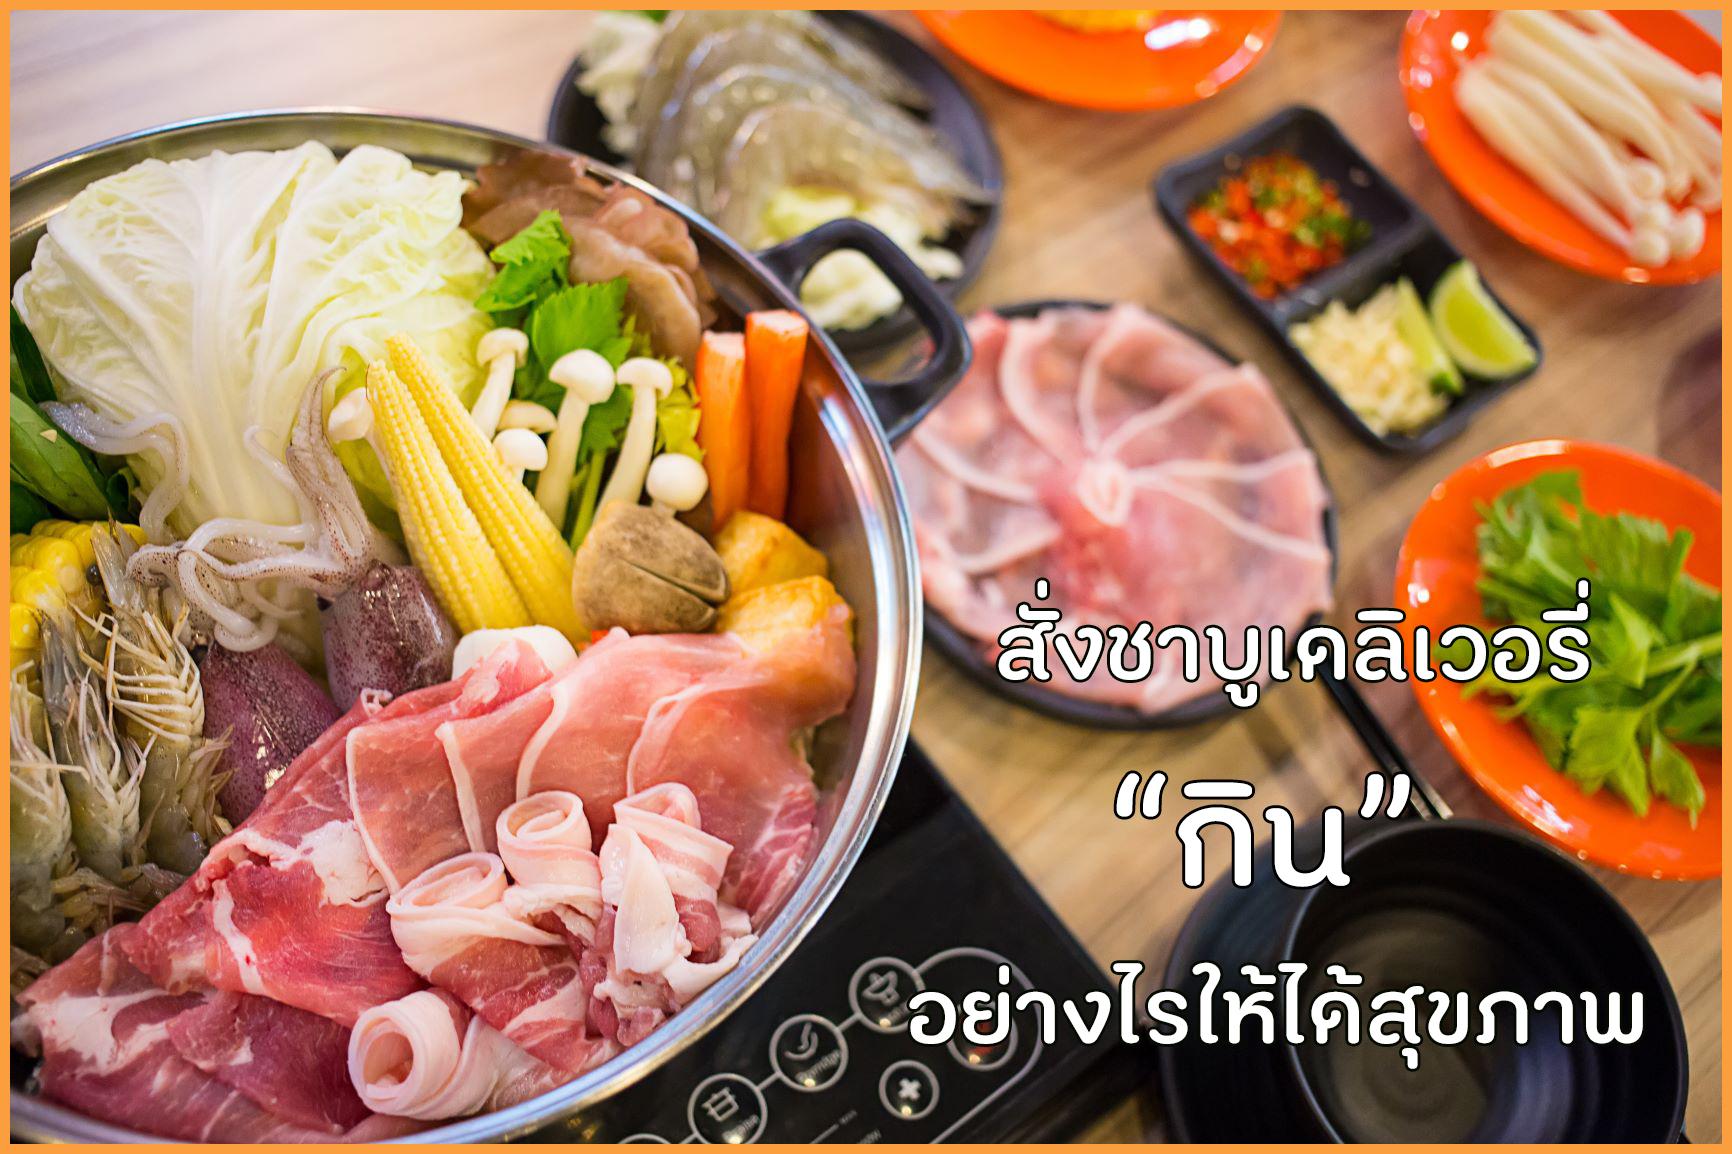 สั่งชาบูเดลิเวอรี่ กินอย่างไรให้ได้สุขภาพ thaihealth